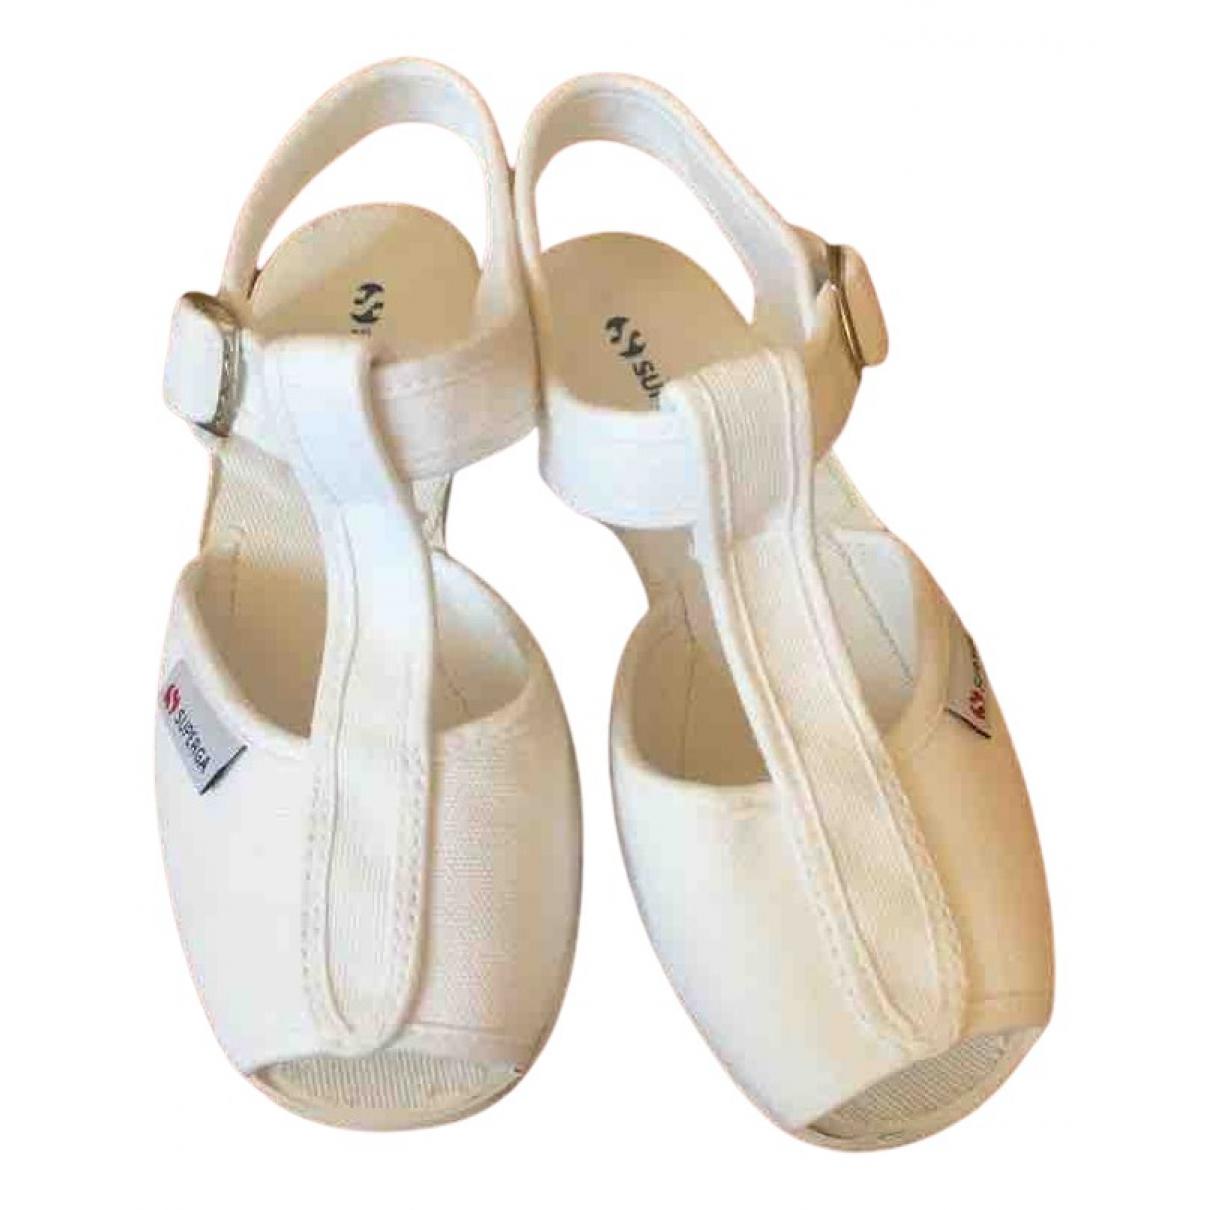 Superga - Sandales   pour enfant en caoutchouc - blanc